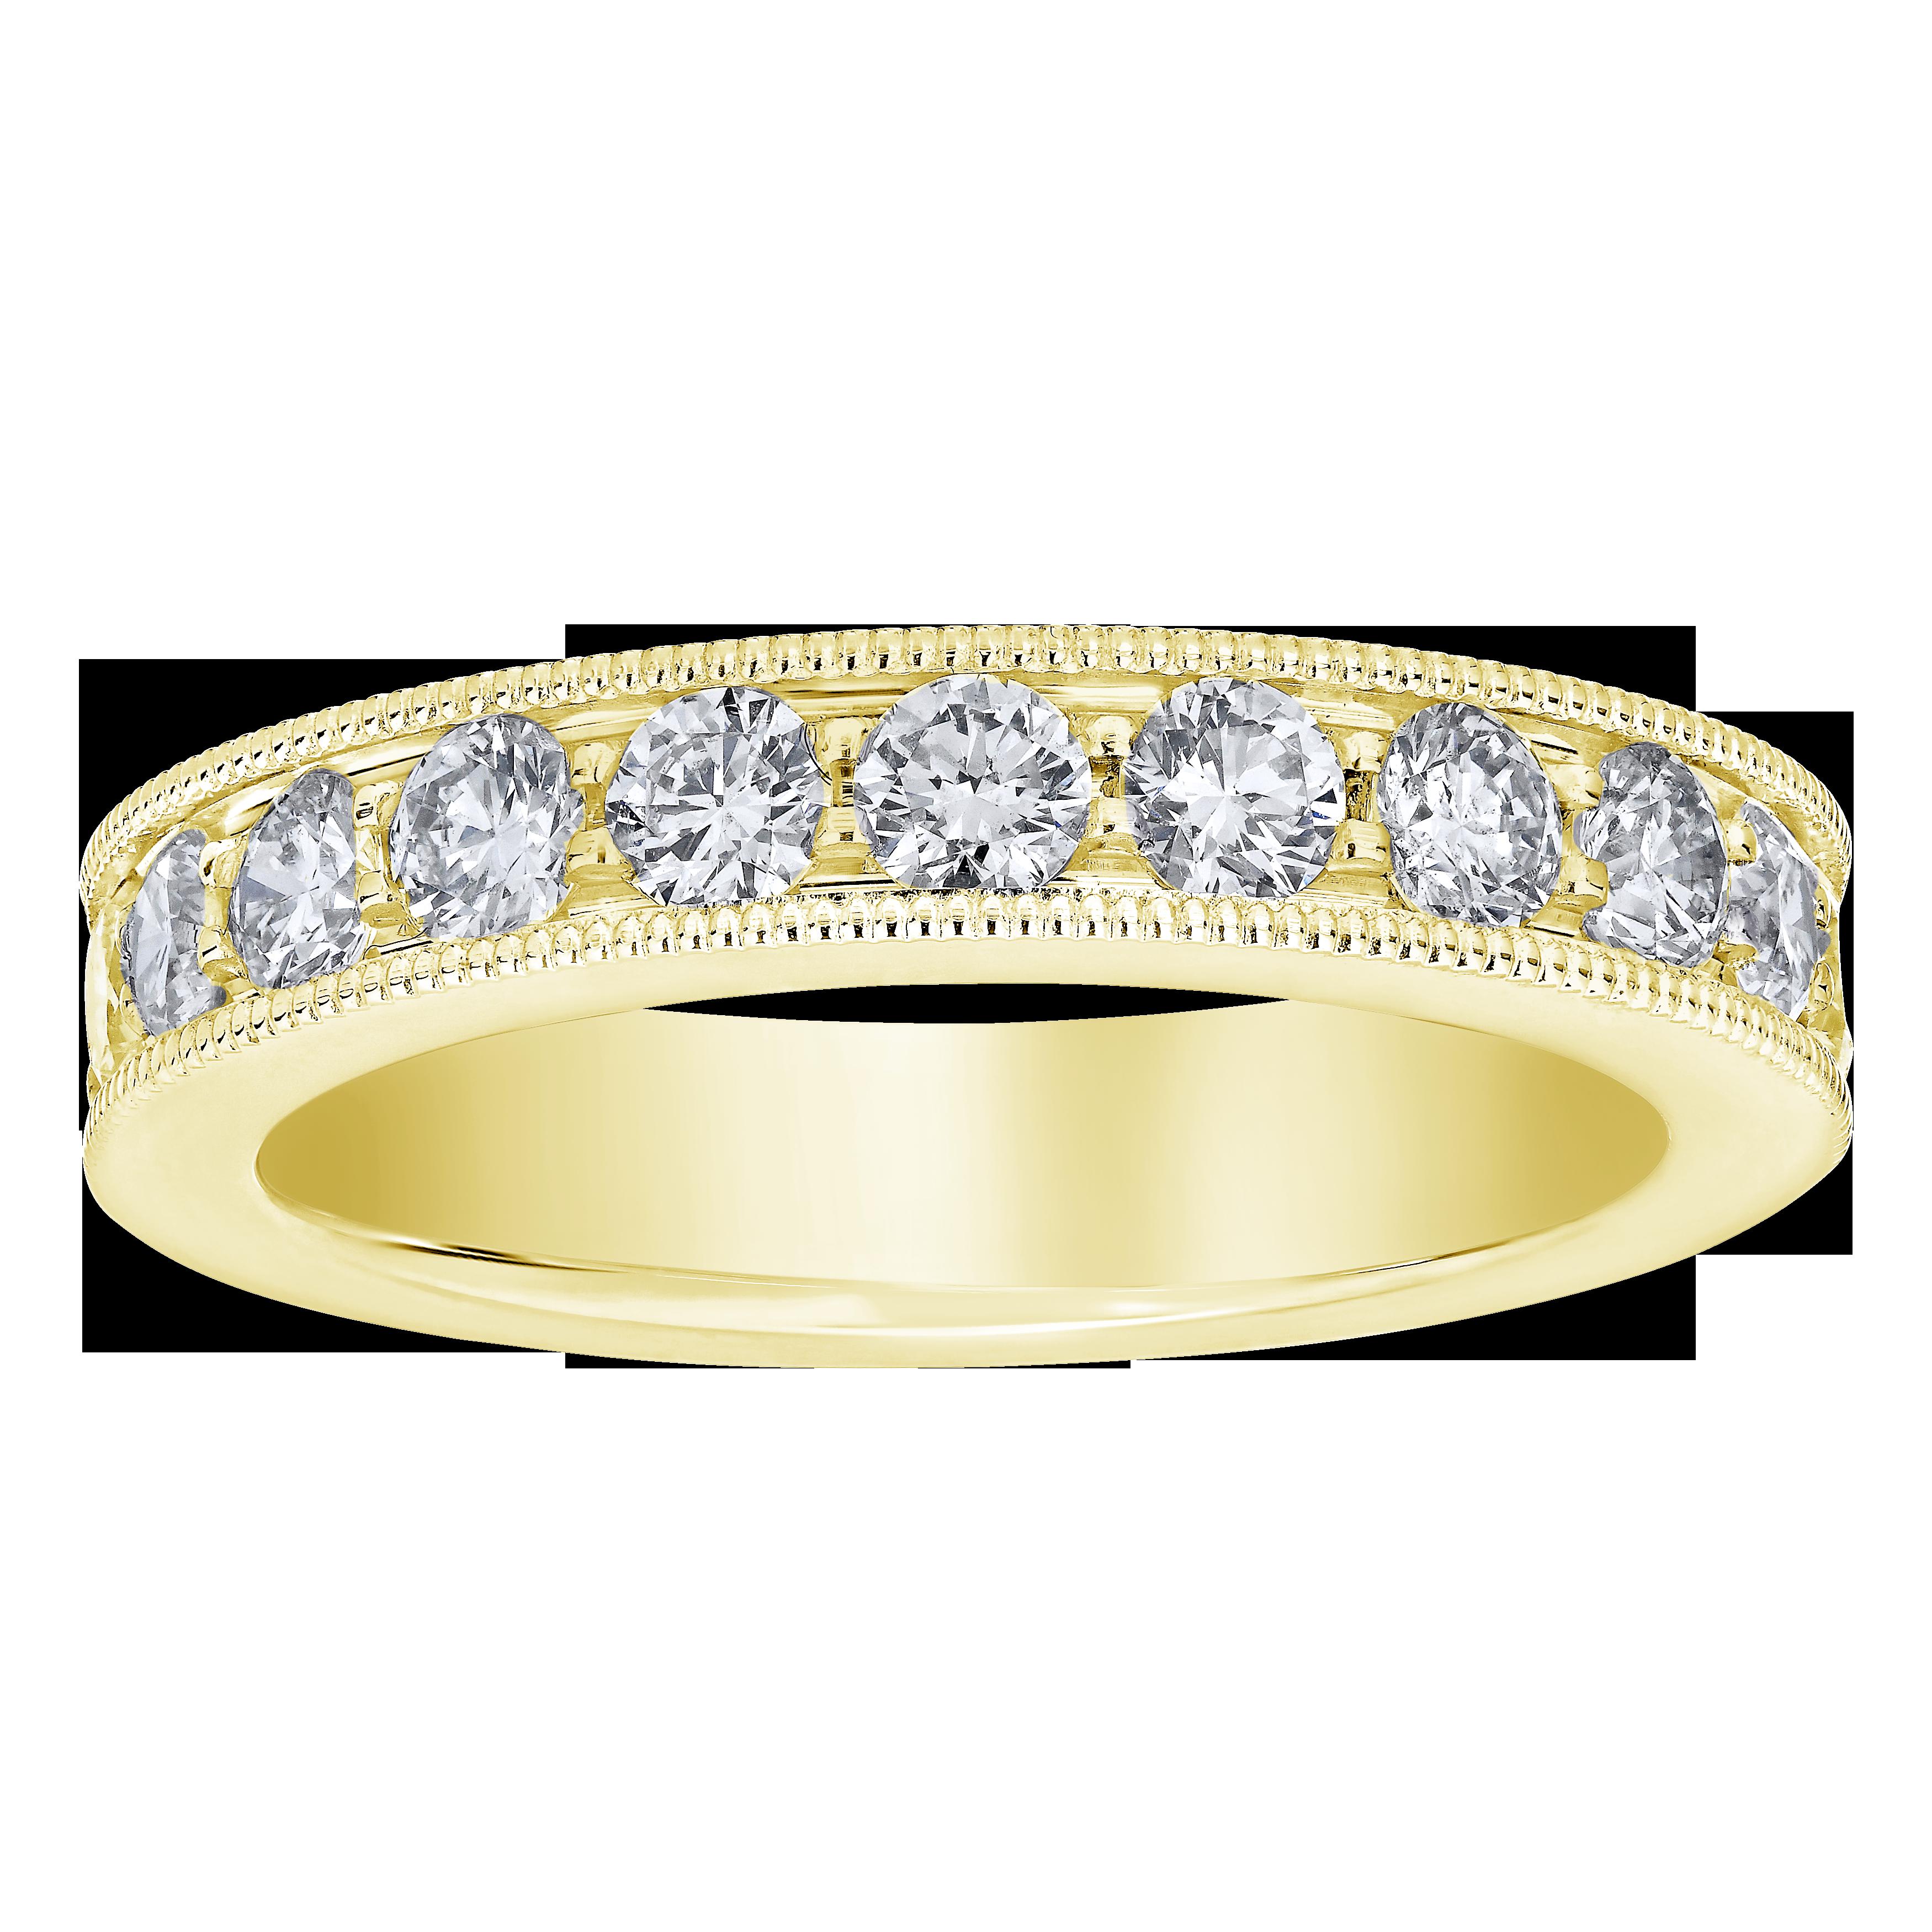 https://www.amidonjewelers.com/upload/product/242601DU2_0c54f196-bad7-4302-856f-181975ed046d.png